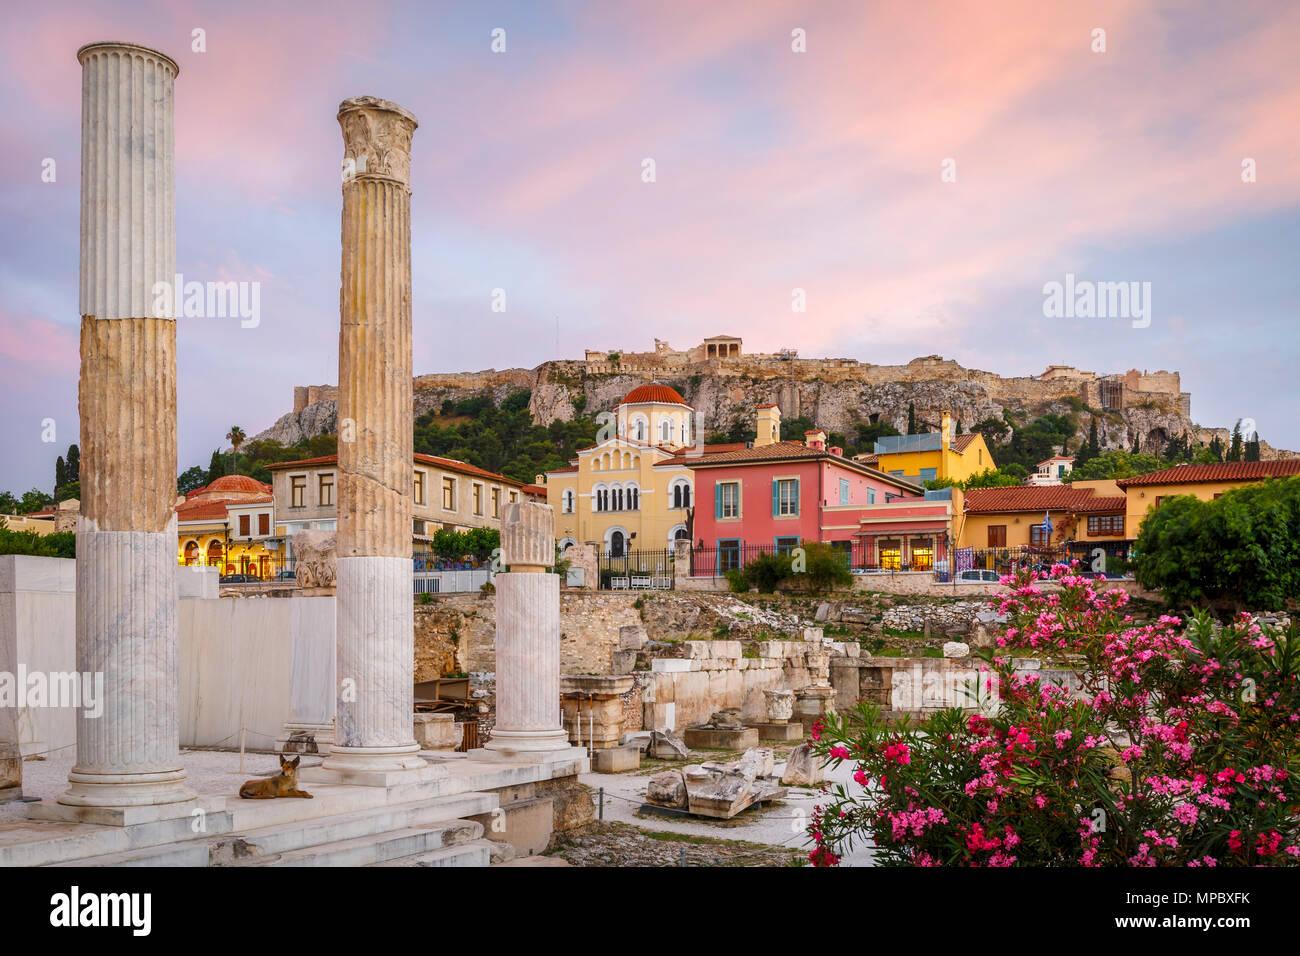 Vestiges de bibliothèque d'Hadrien et de l'acropole de la vieille ville d'Athènes, Grèce. Photo Stock